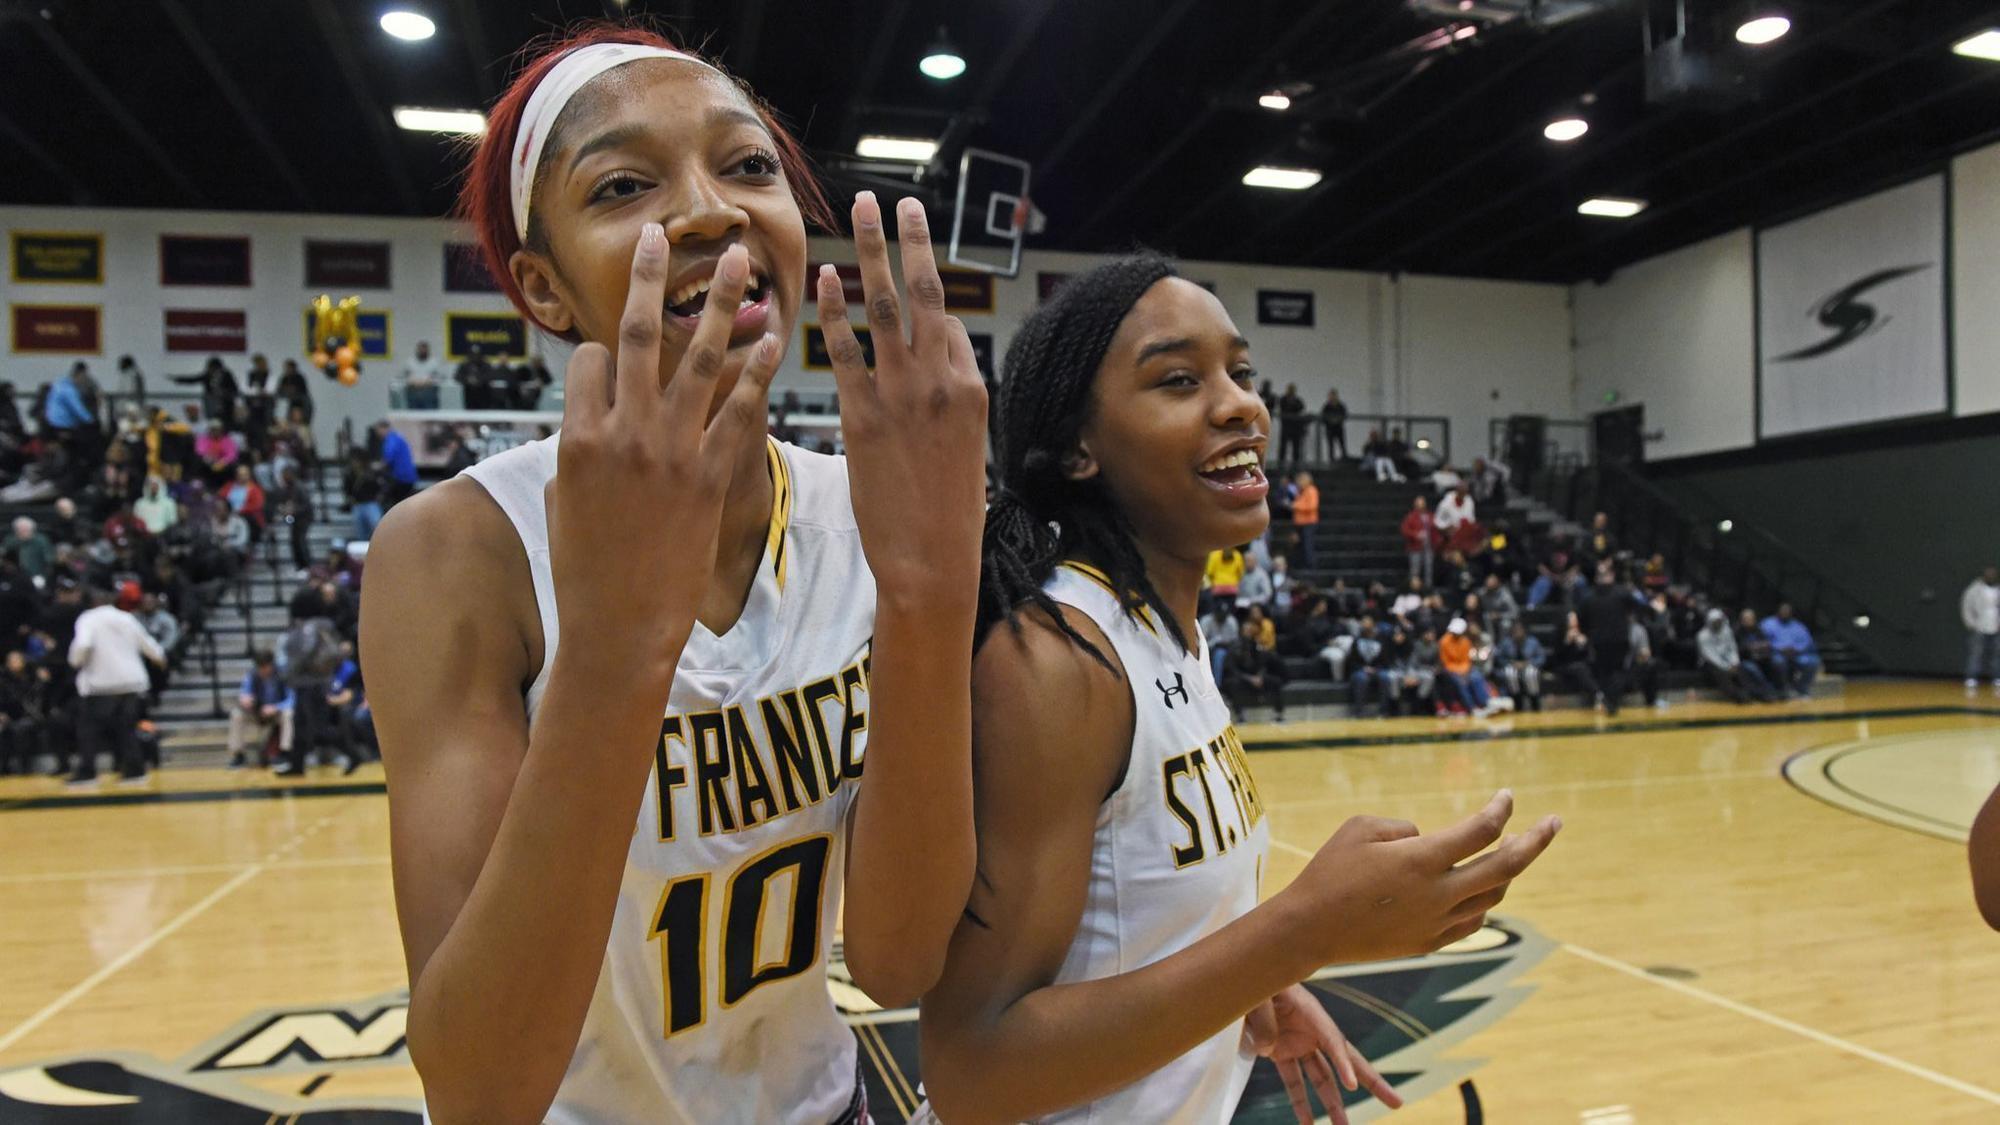 a8090277fb8 2018-19 Baltimore-area preseason high school girls basketball Top 15 poll -  Baltimore Sun